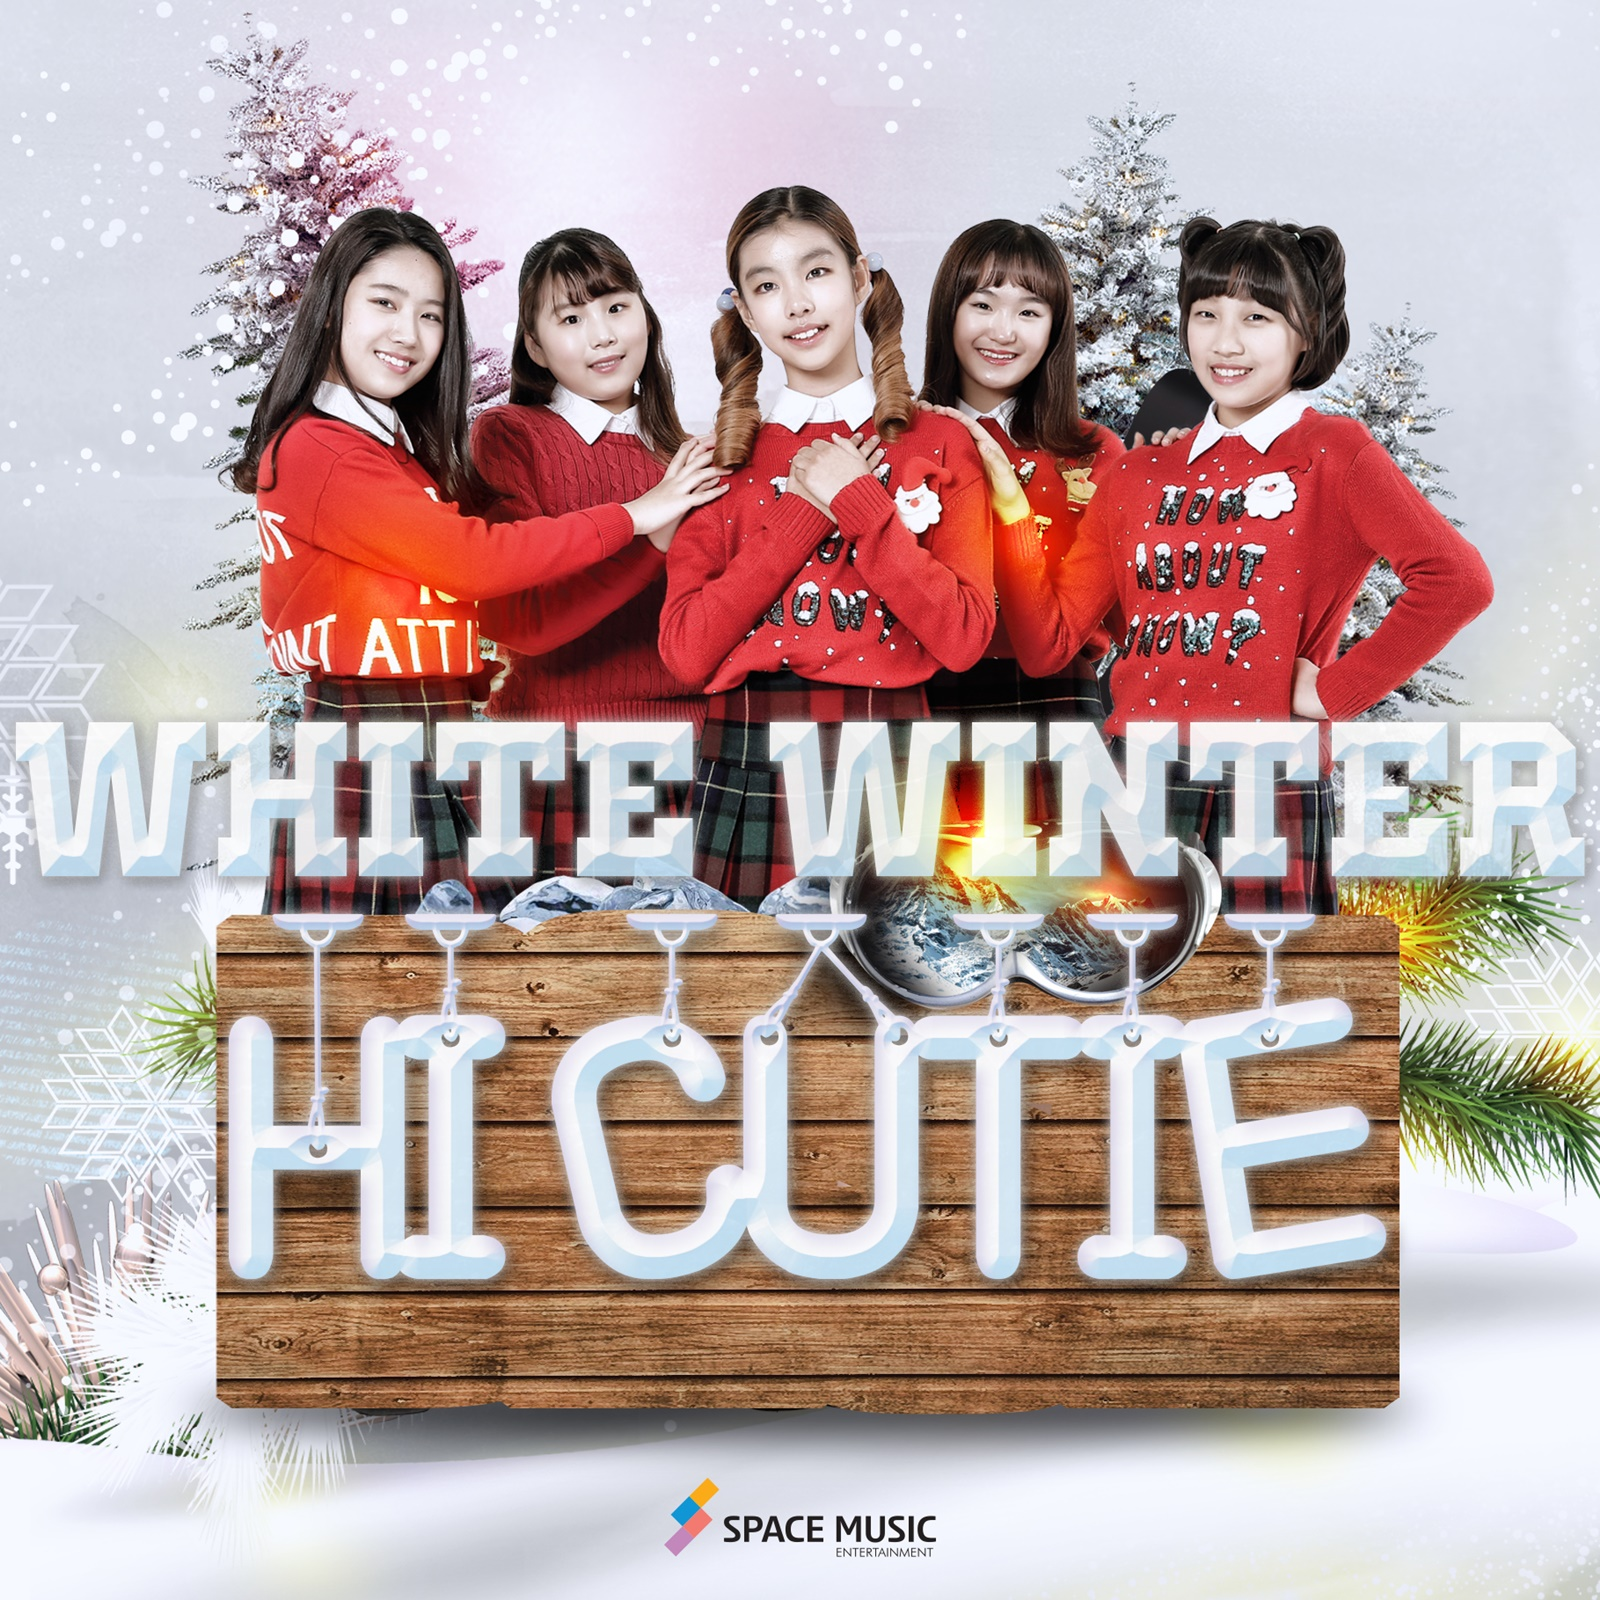 '최연소 걸그룹' 하이큐티, 신곡 '하얀 겨울'로 상상 그 이상의 귀여움 예고